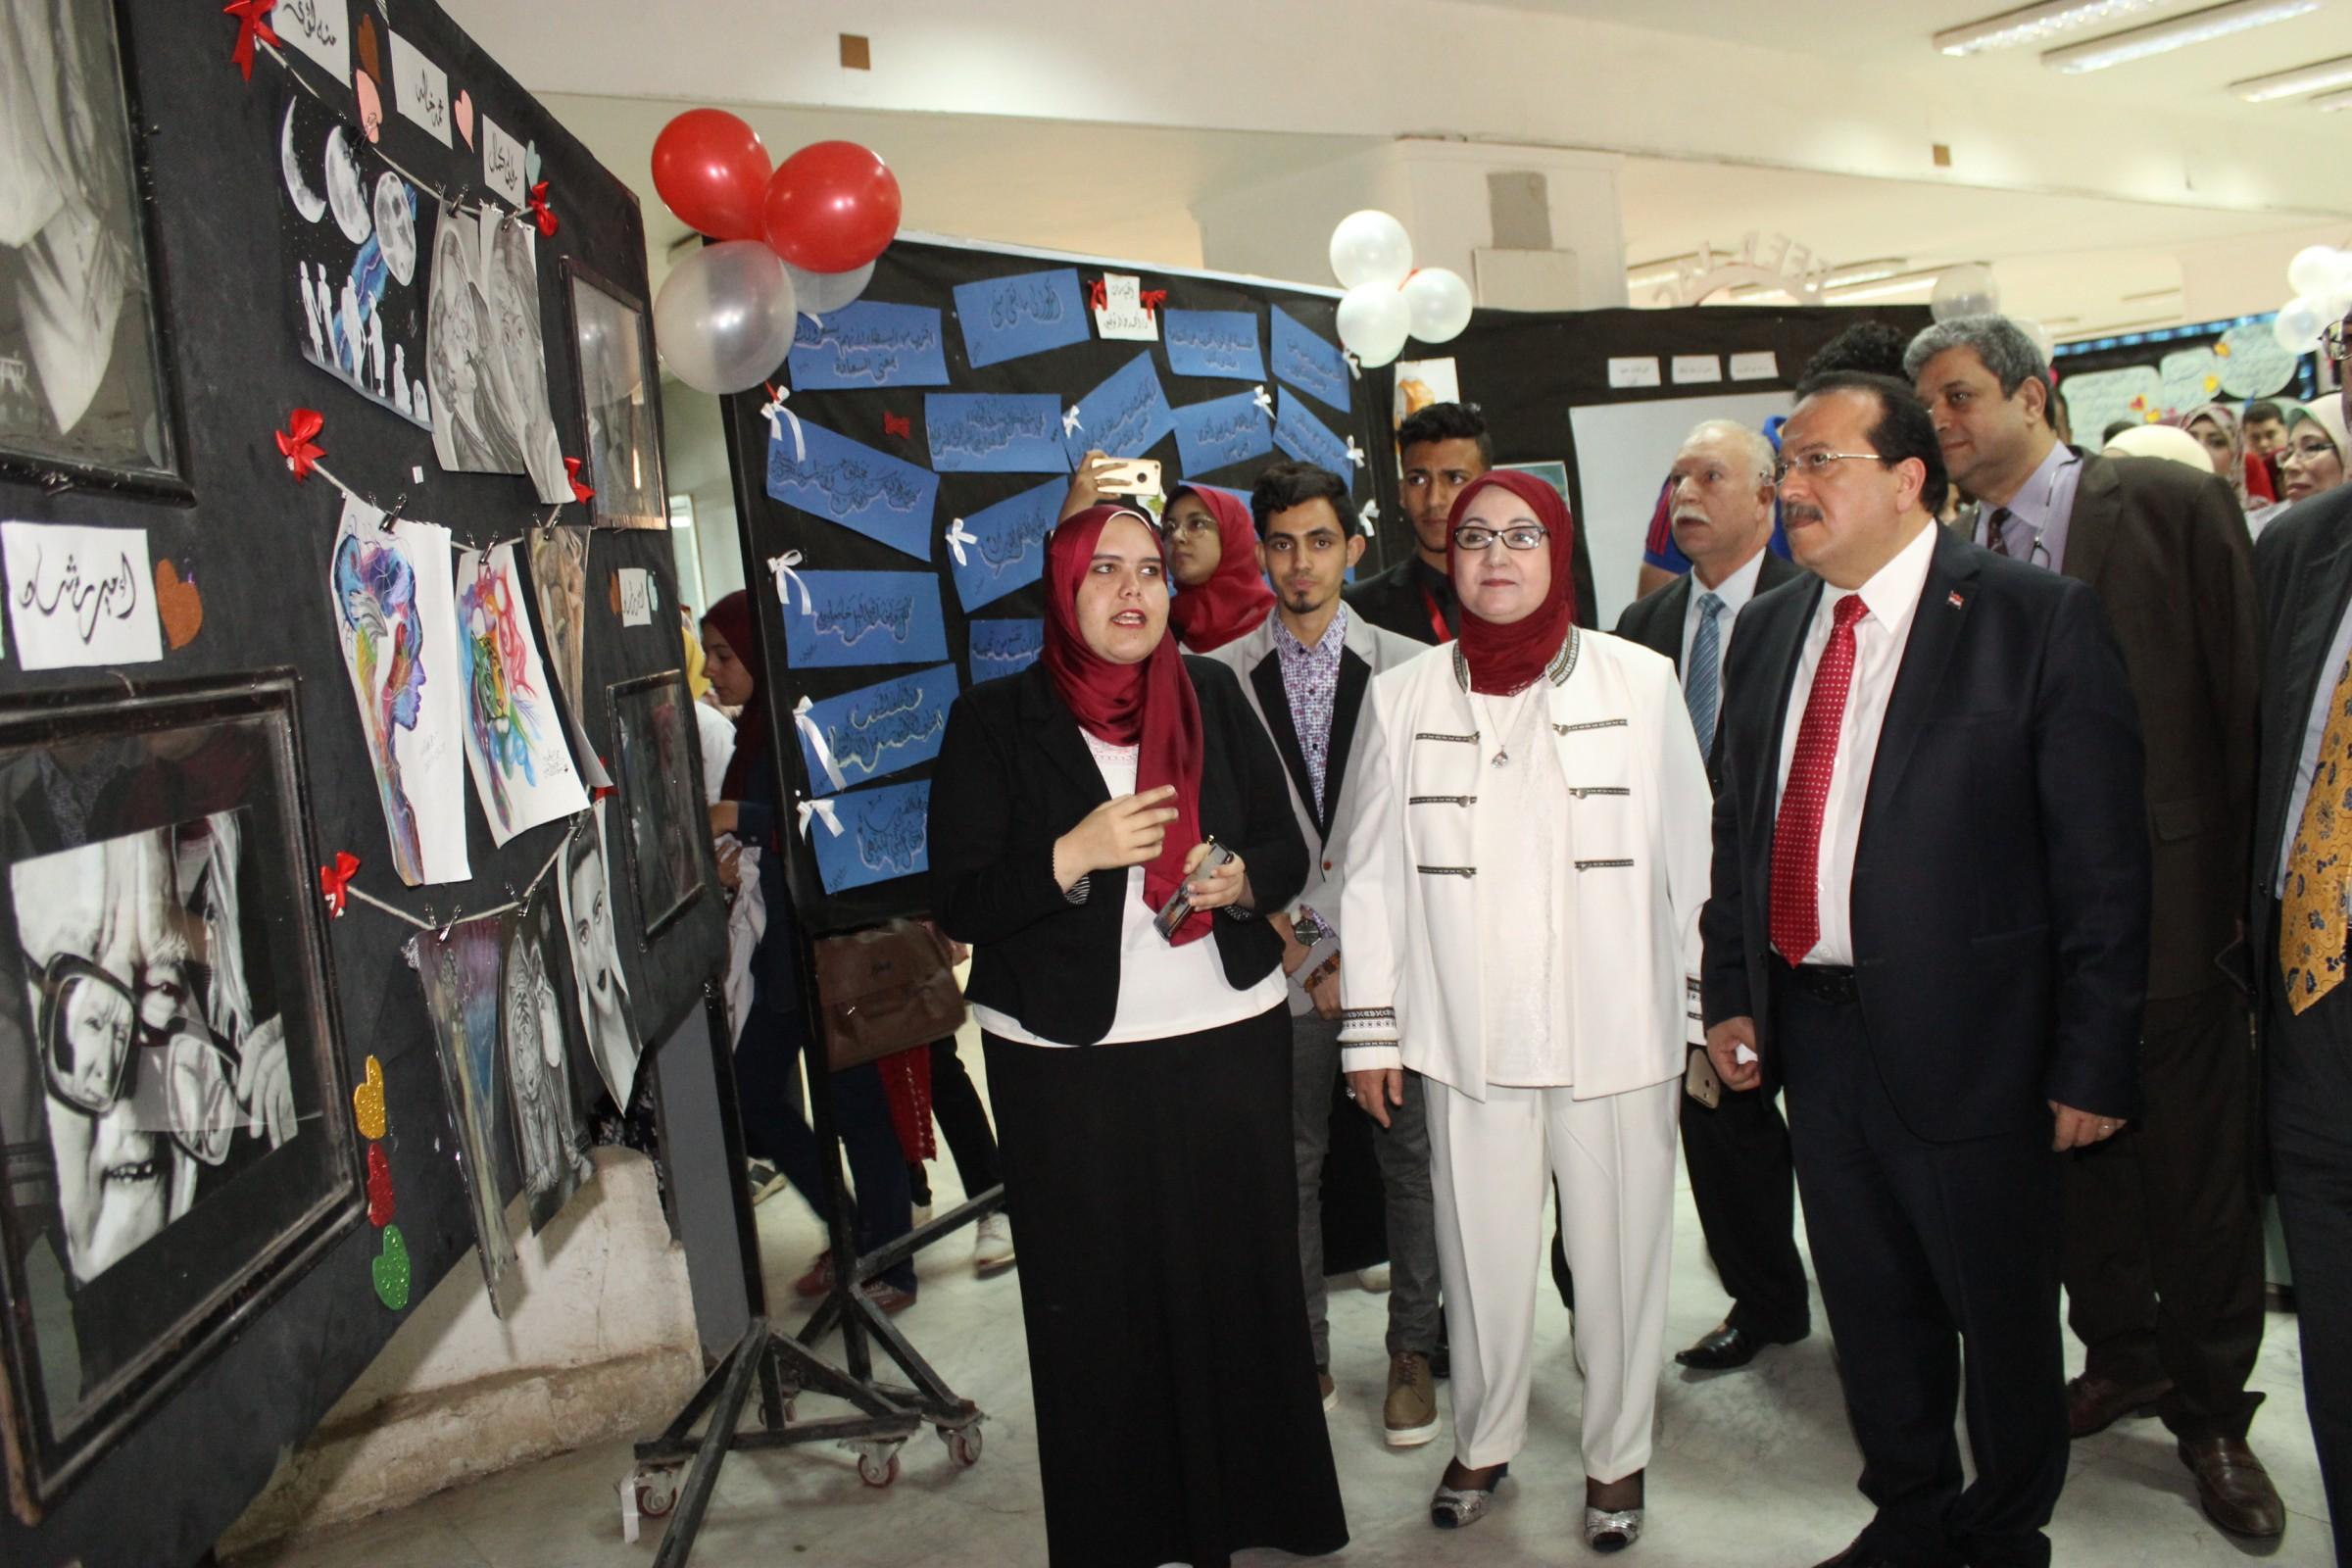 عرض أعمال أحمد خالد توفيق بالمعرض الفني (2)